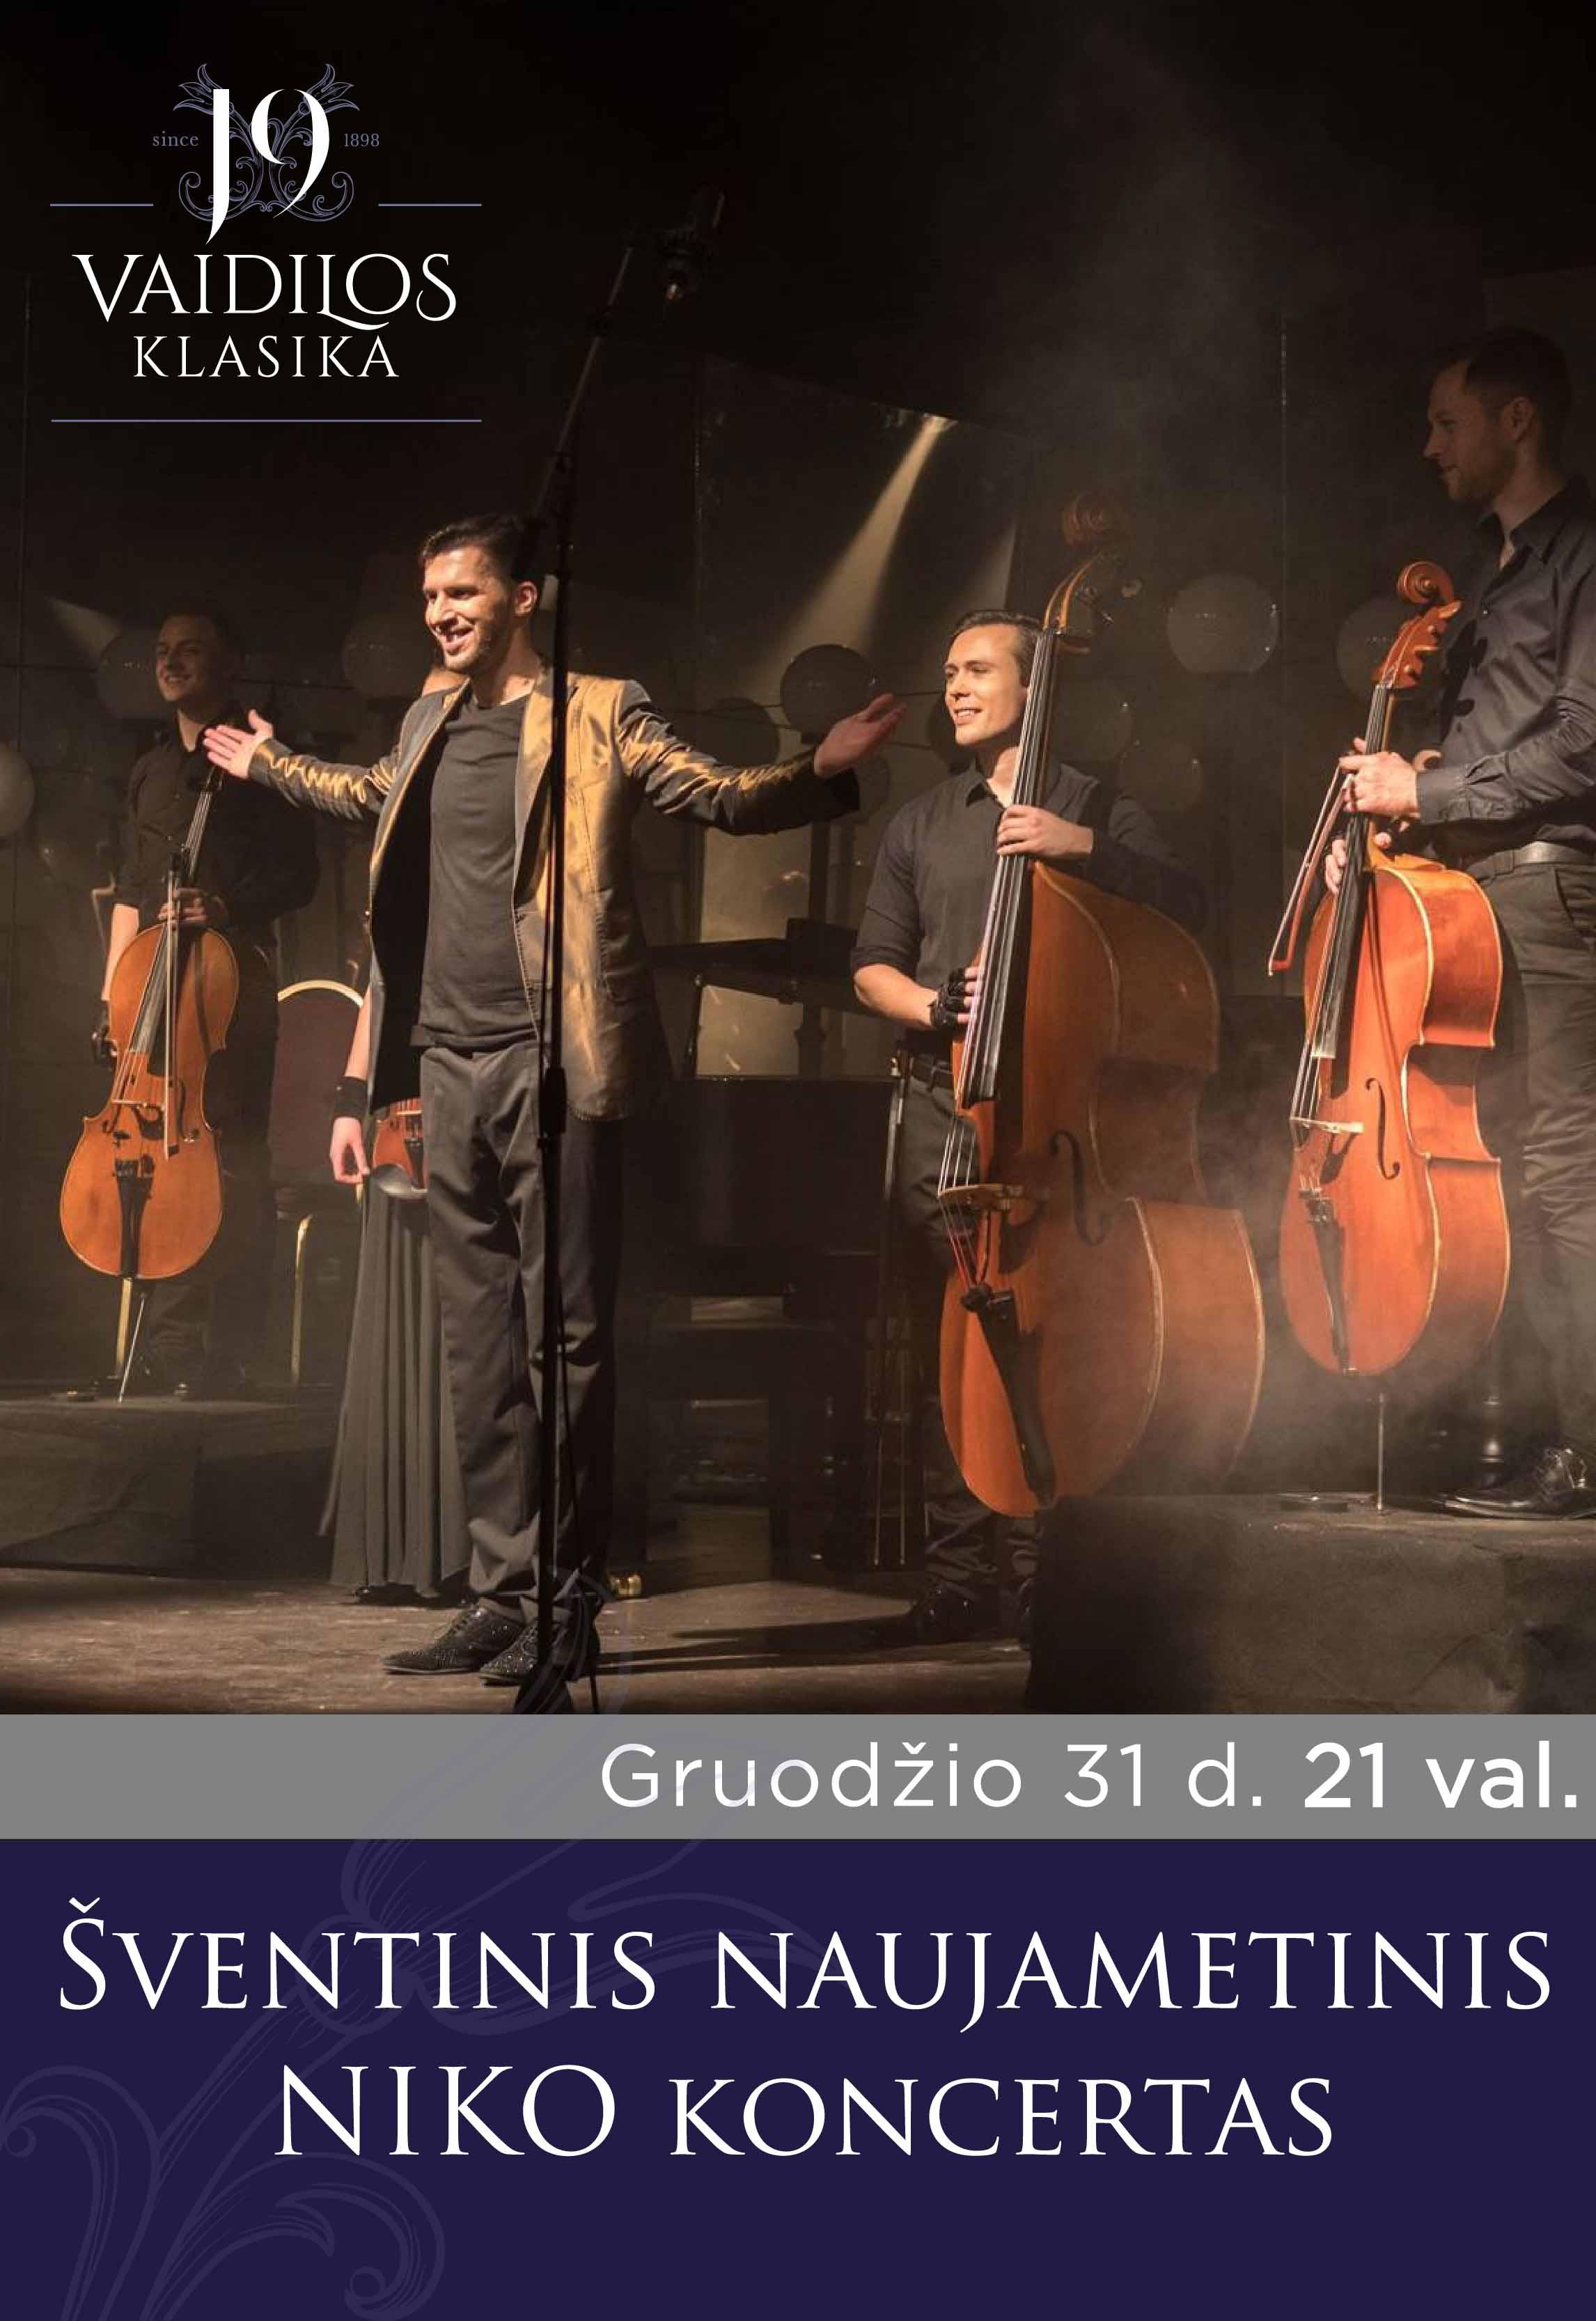 Šventinis naujametinis NIKO koncertas 21 val.